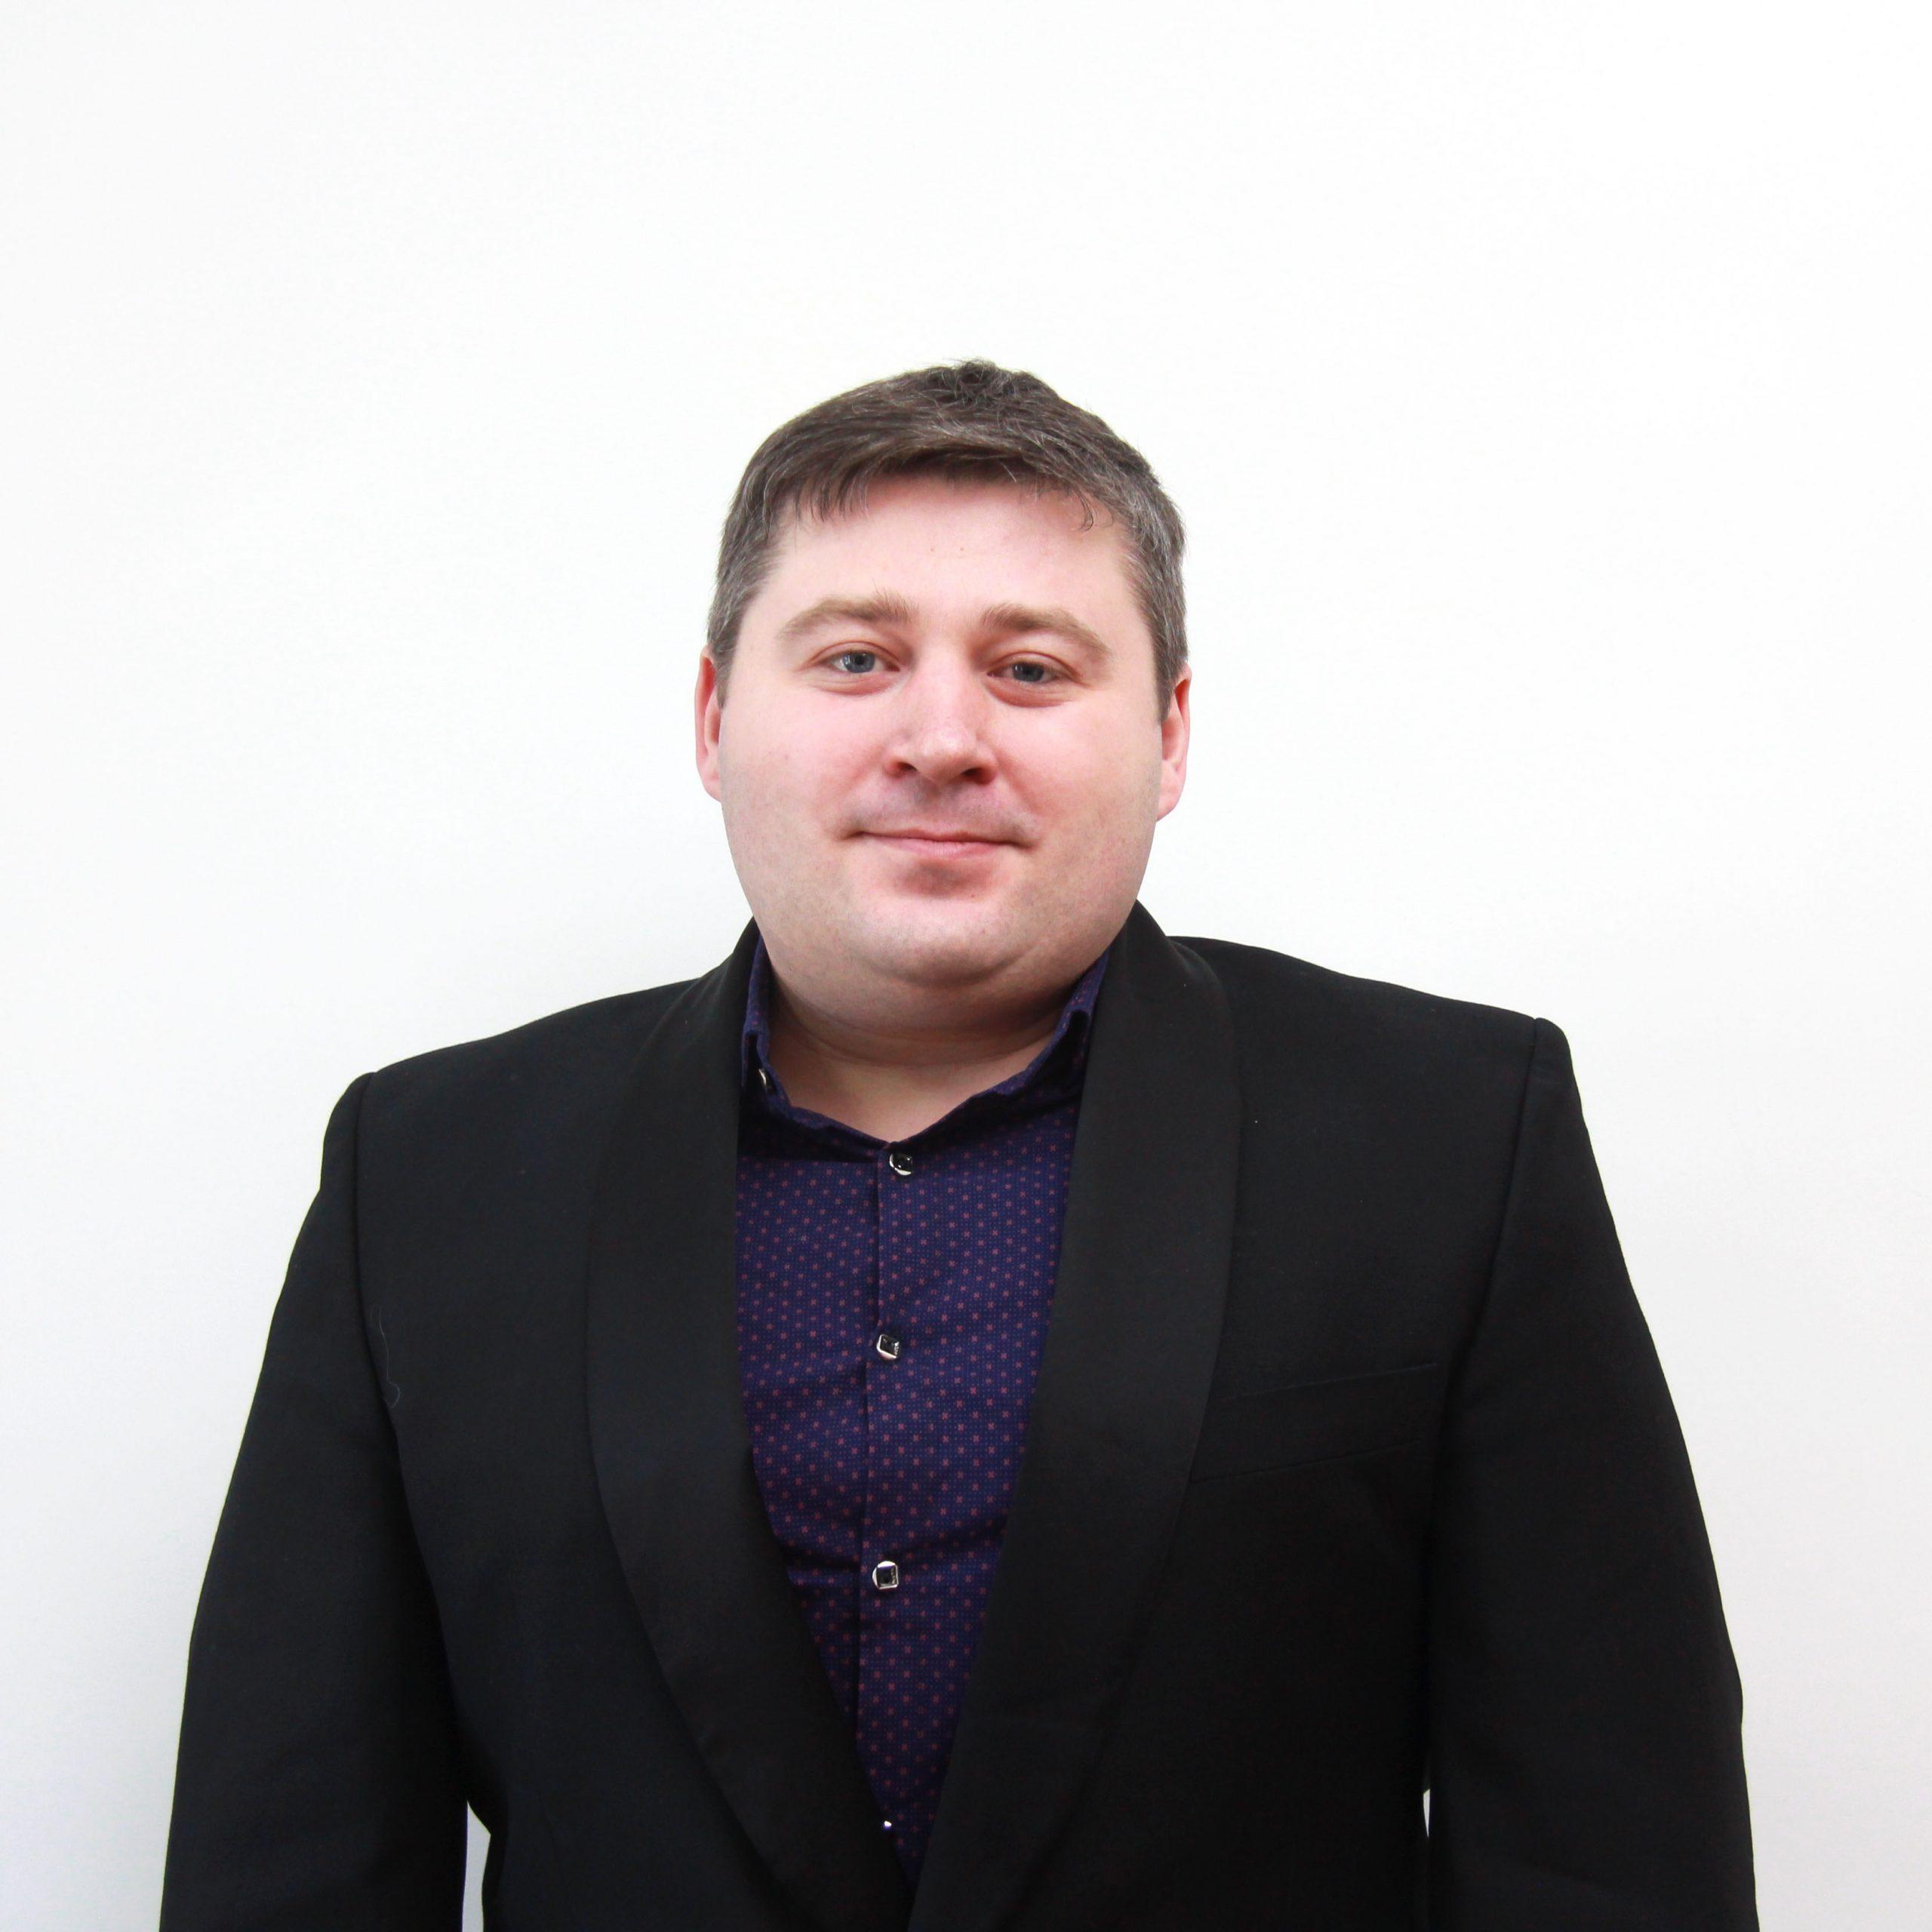 Arsenti Krasilnikov